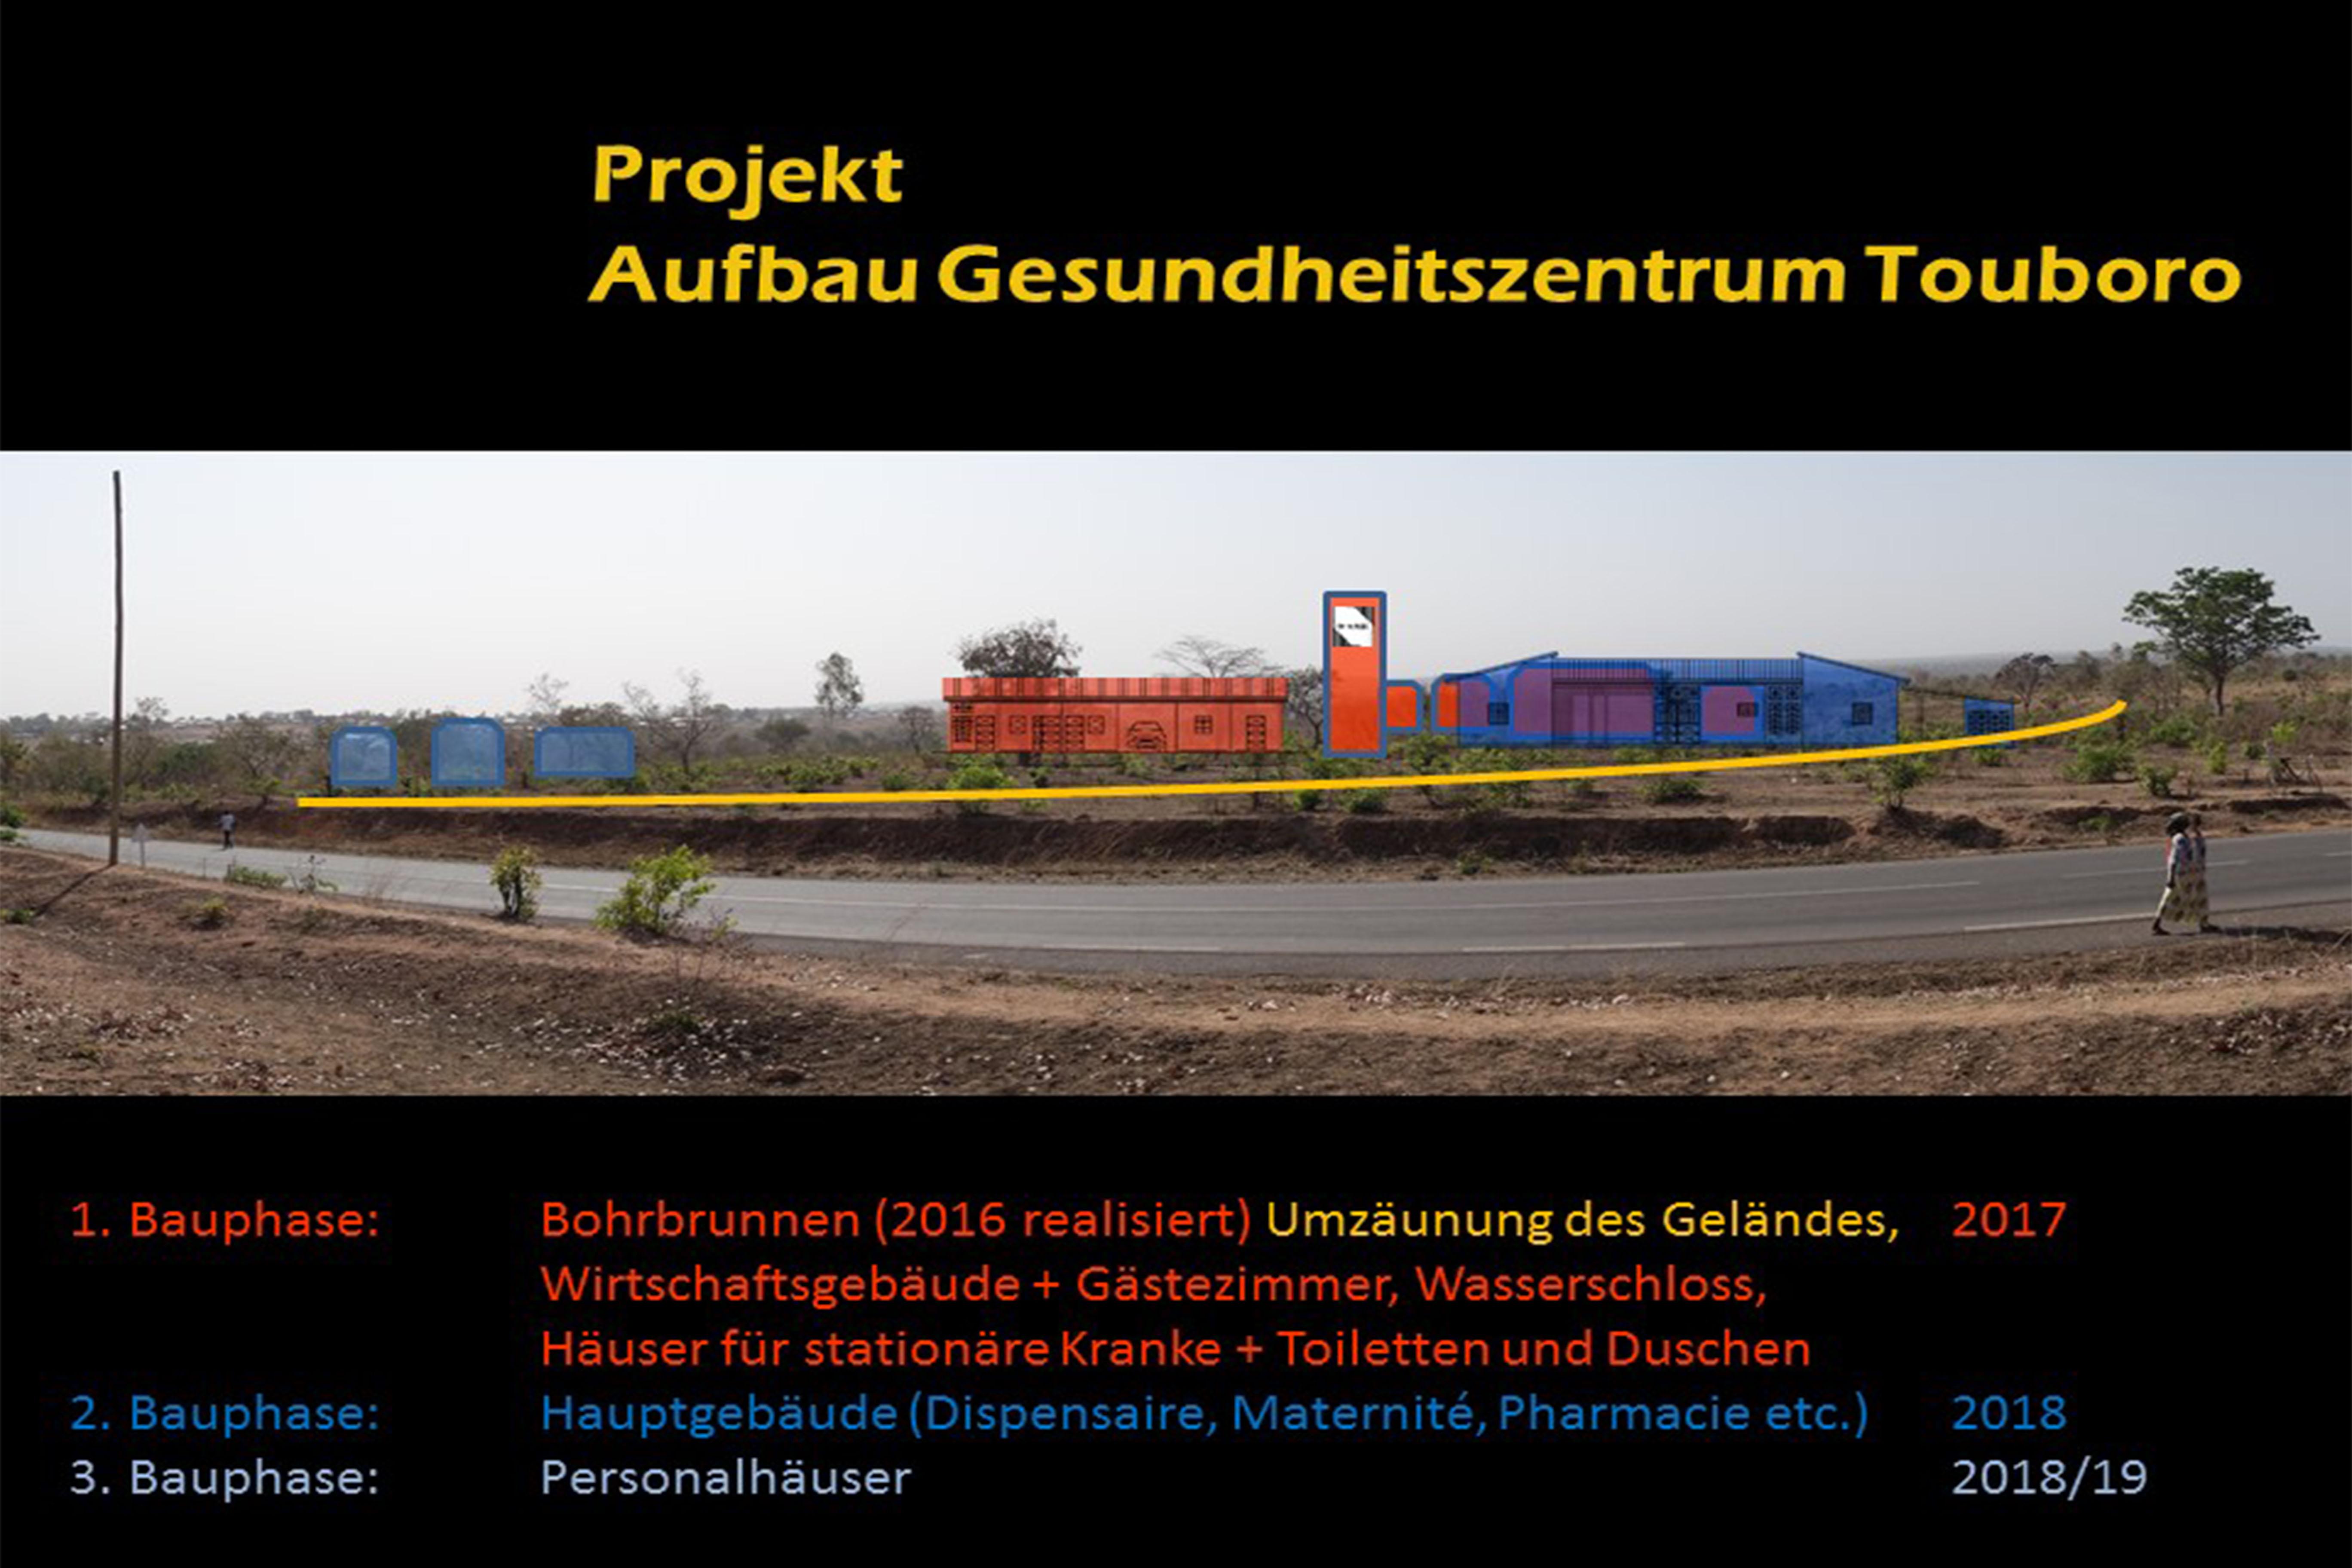 med_0006_Touboro Bauphasen